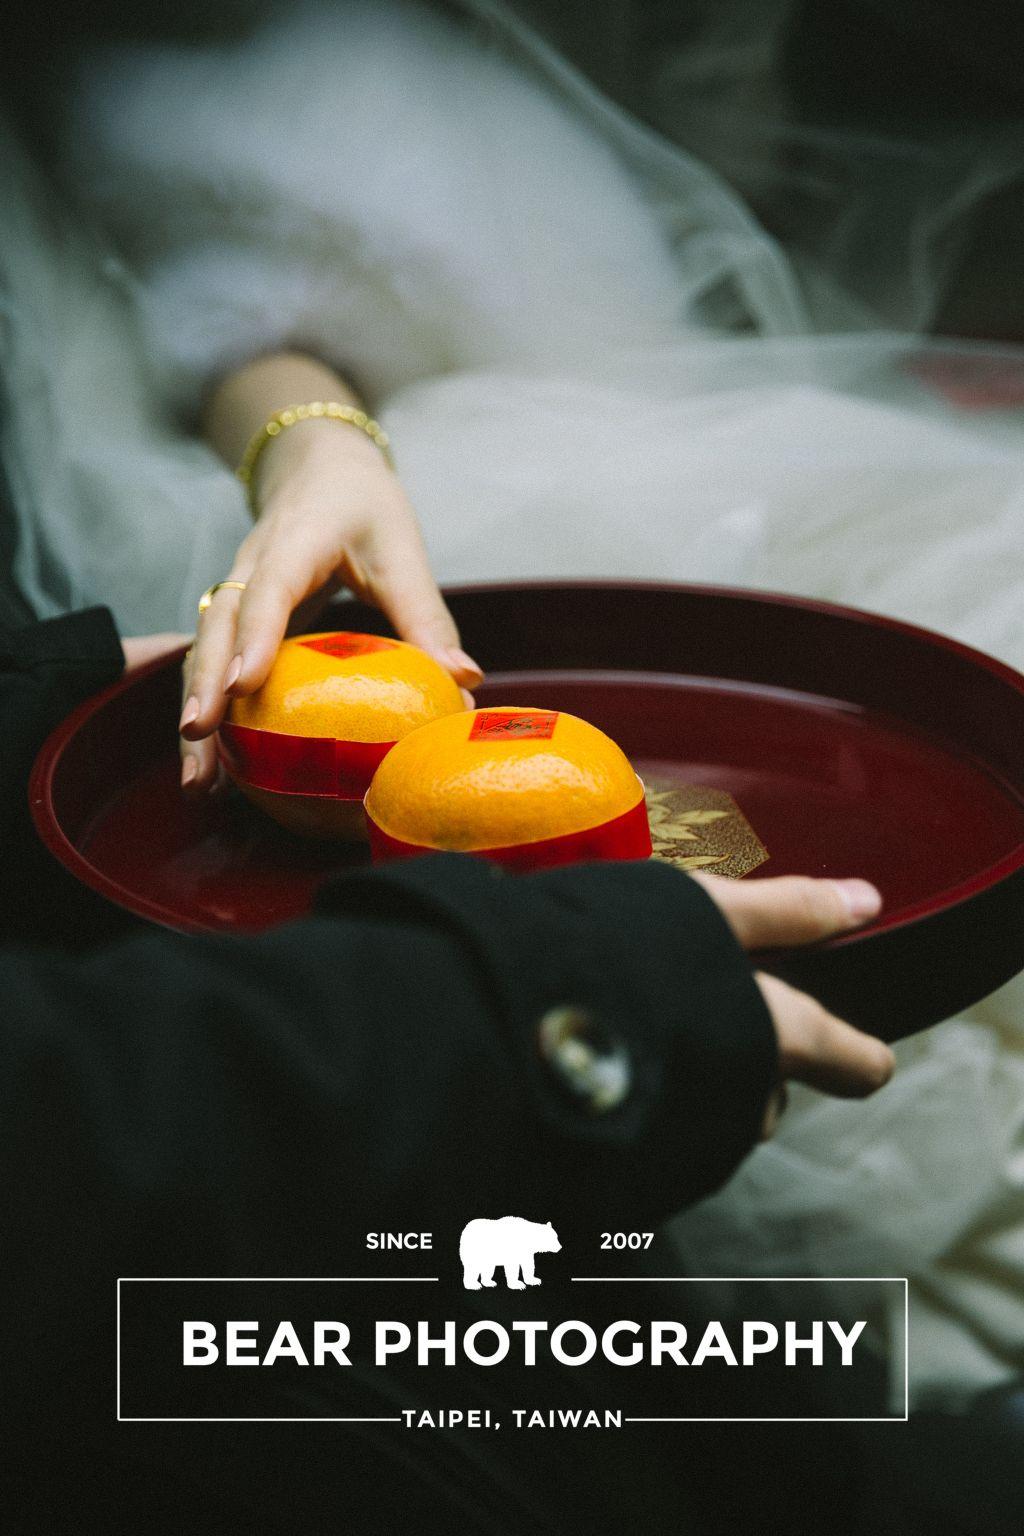 台北婚攝推薦 每一張婚攝照都擁有屬於自己的故事,婚禮記錄,婚攝臺北